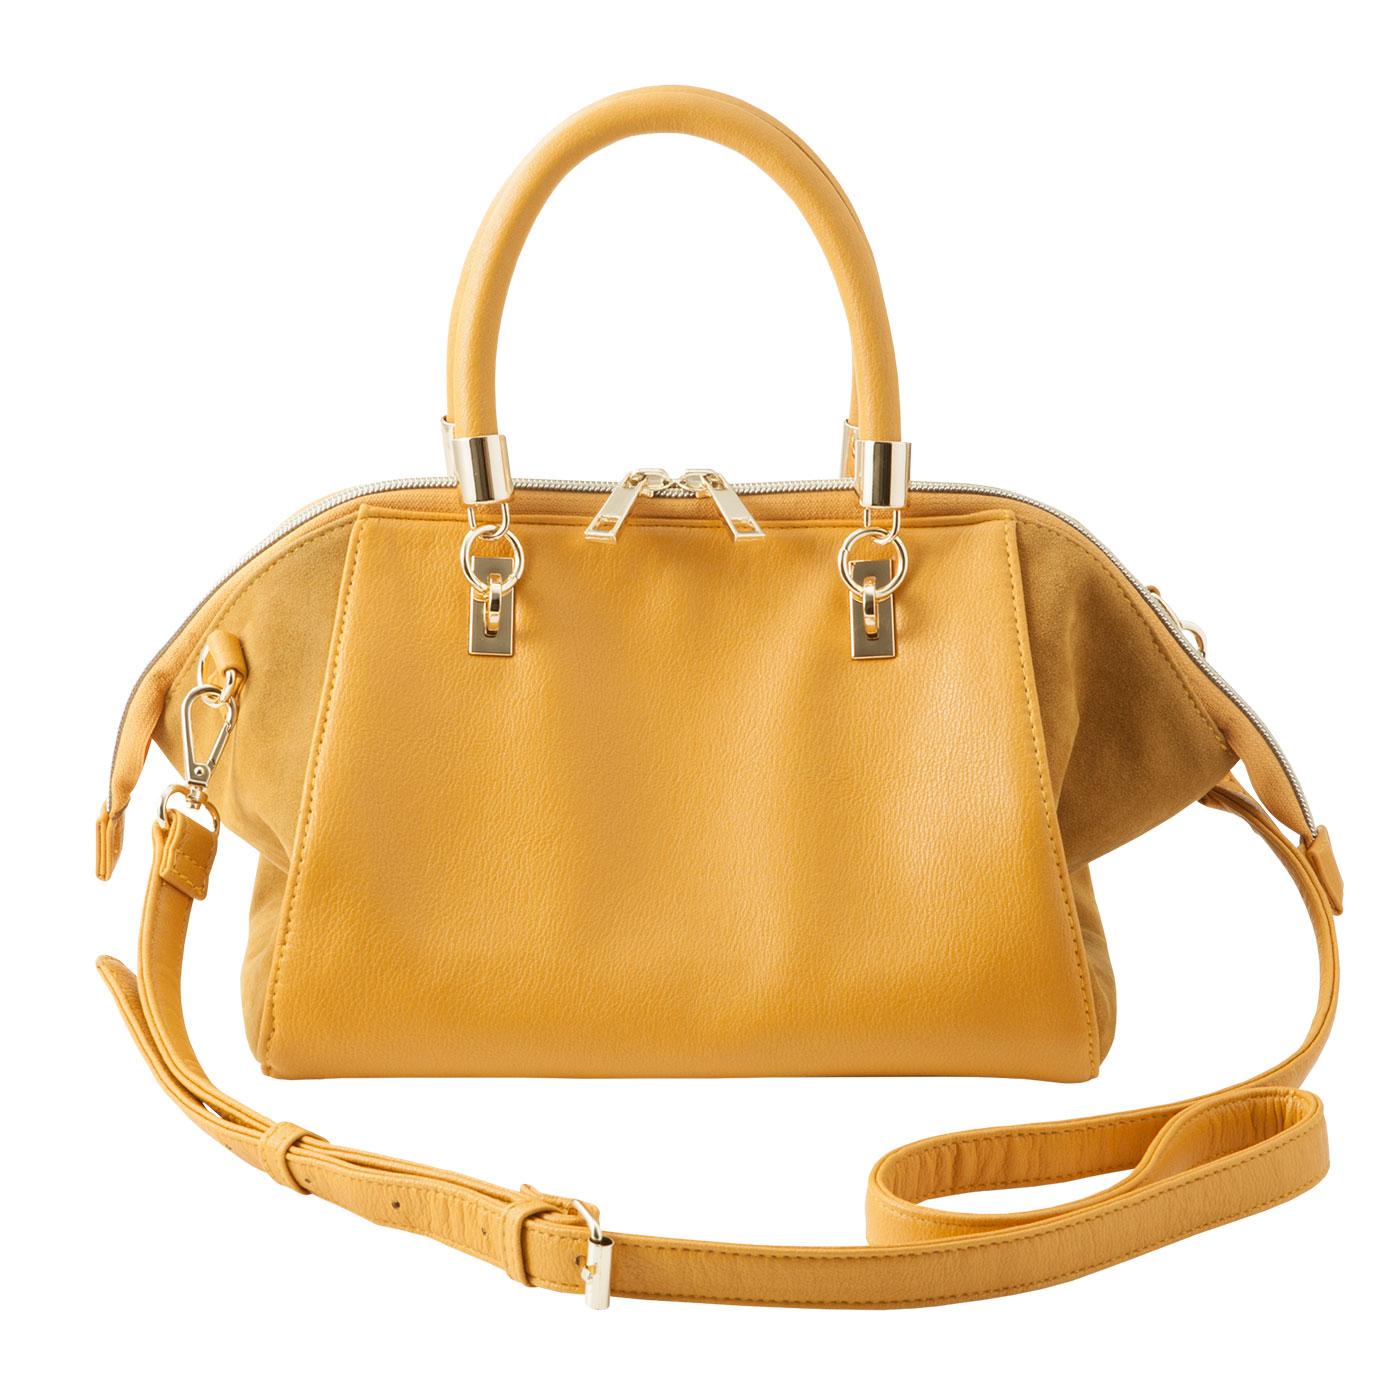 【フロント】ダブルファスナーをはじめ、軽やかなゴールドカラーの金具遣いがポイント。